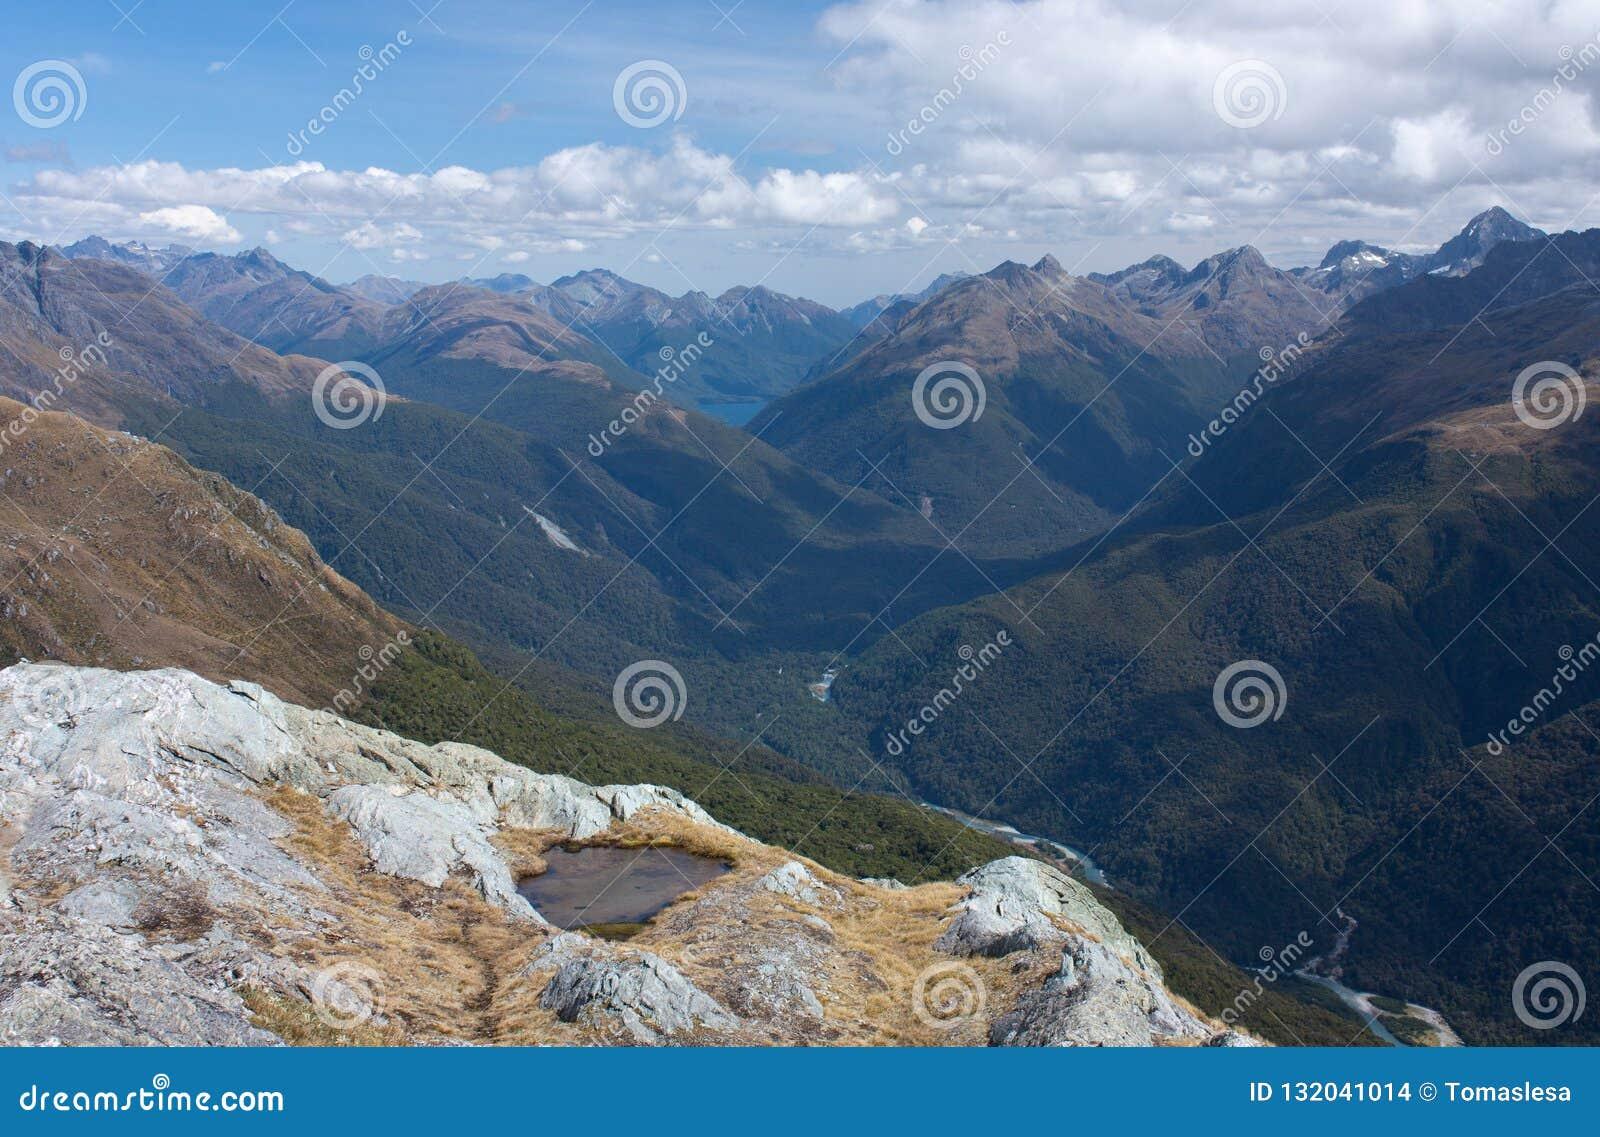 Ein See, ein Fluss und Berge, wie von der Spitze des konischen Hügels bei Harris Saddle am großen Weg Routeburn gesehen, neu